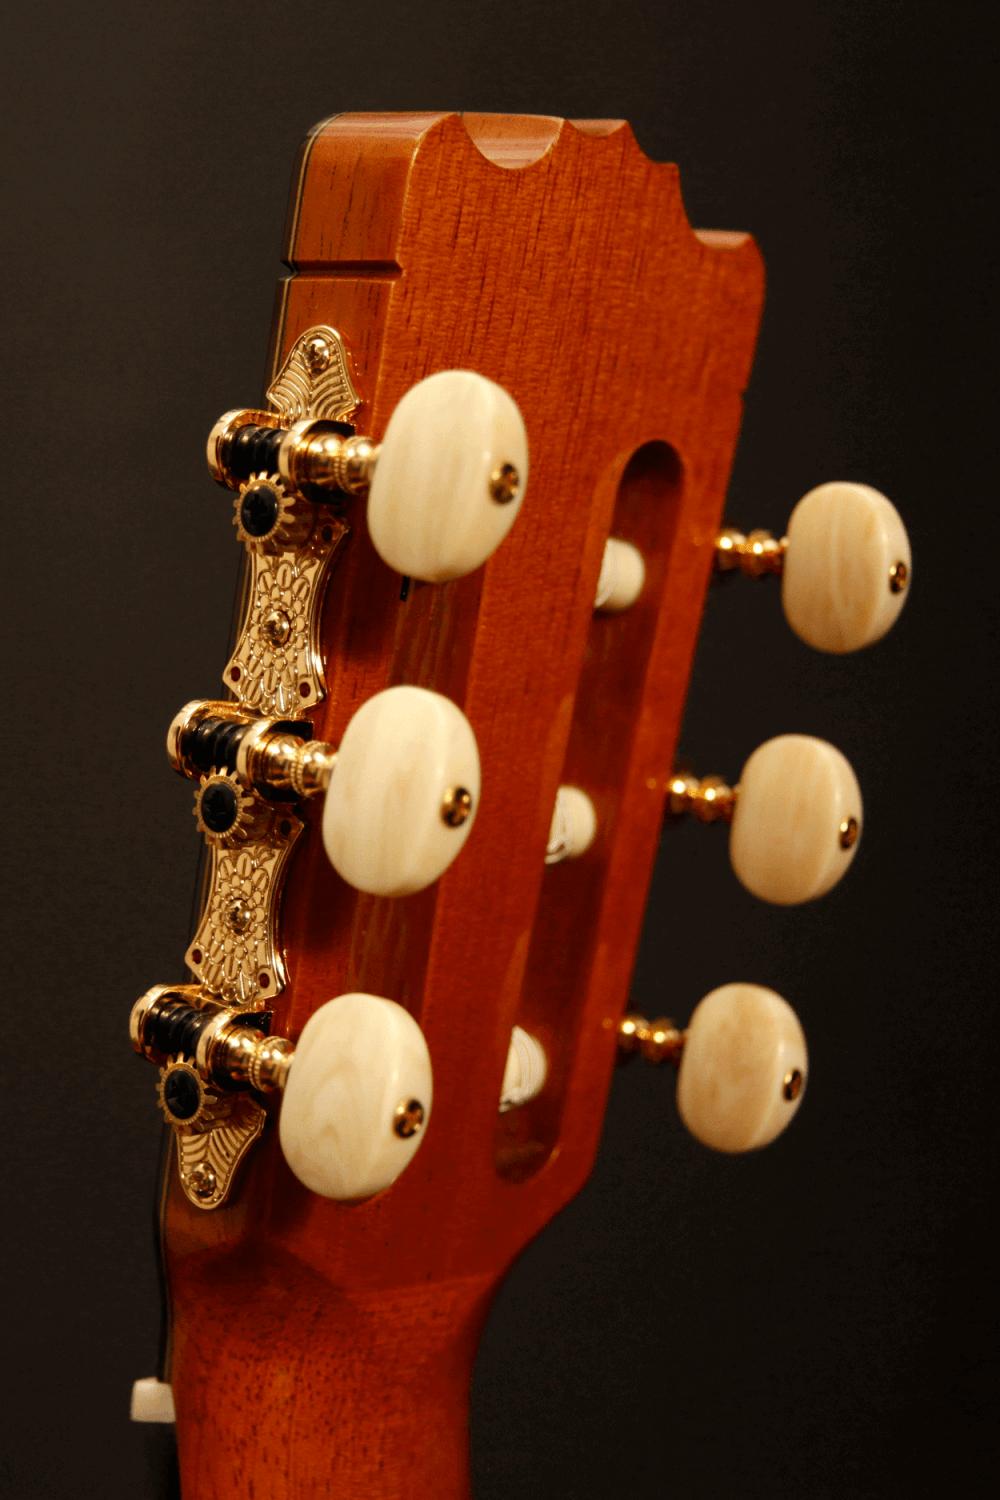 guitarra-zalamea-clavijero